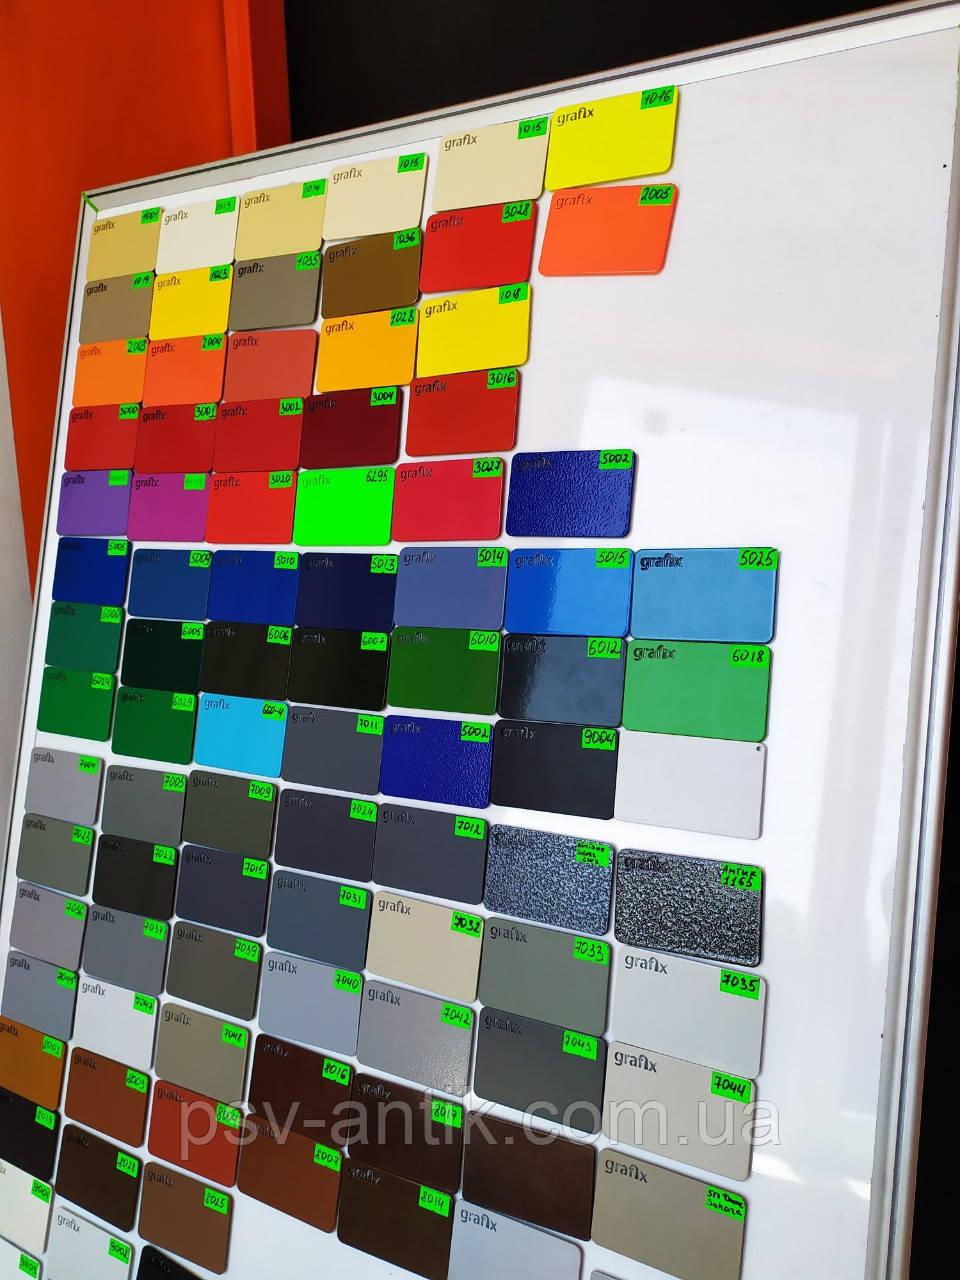 Порошковая краска глянцевая шагрень, эпокси-полиэфирная, внутренняя, 7035